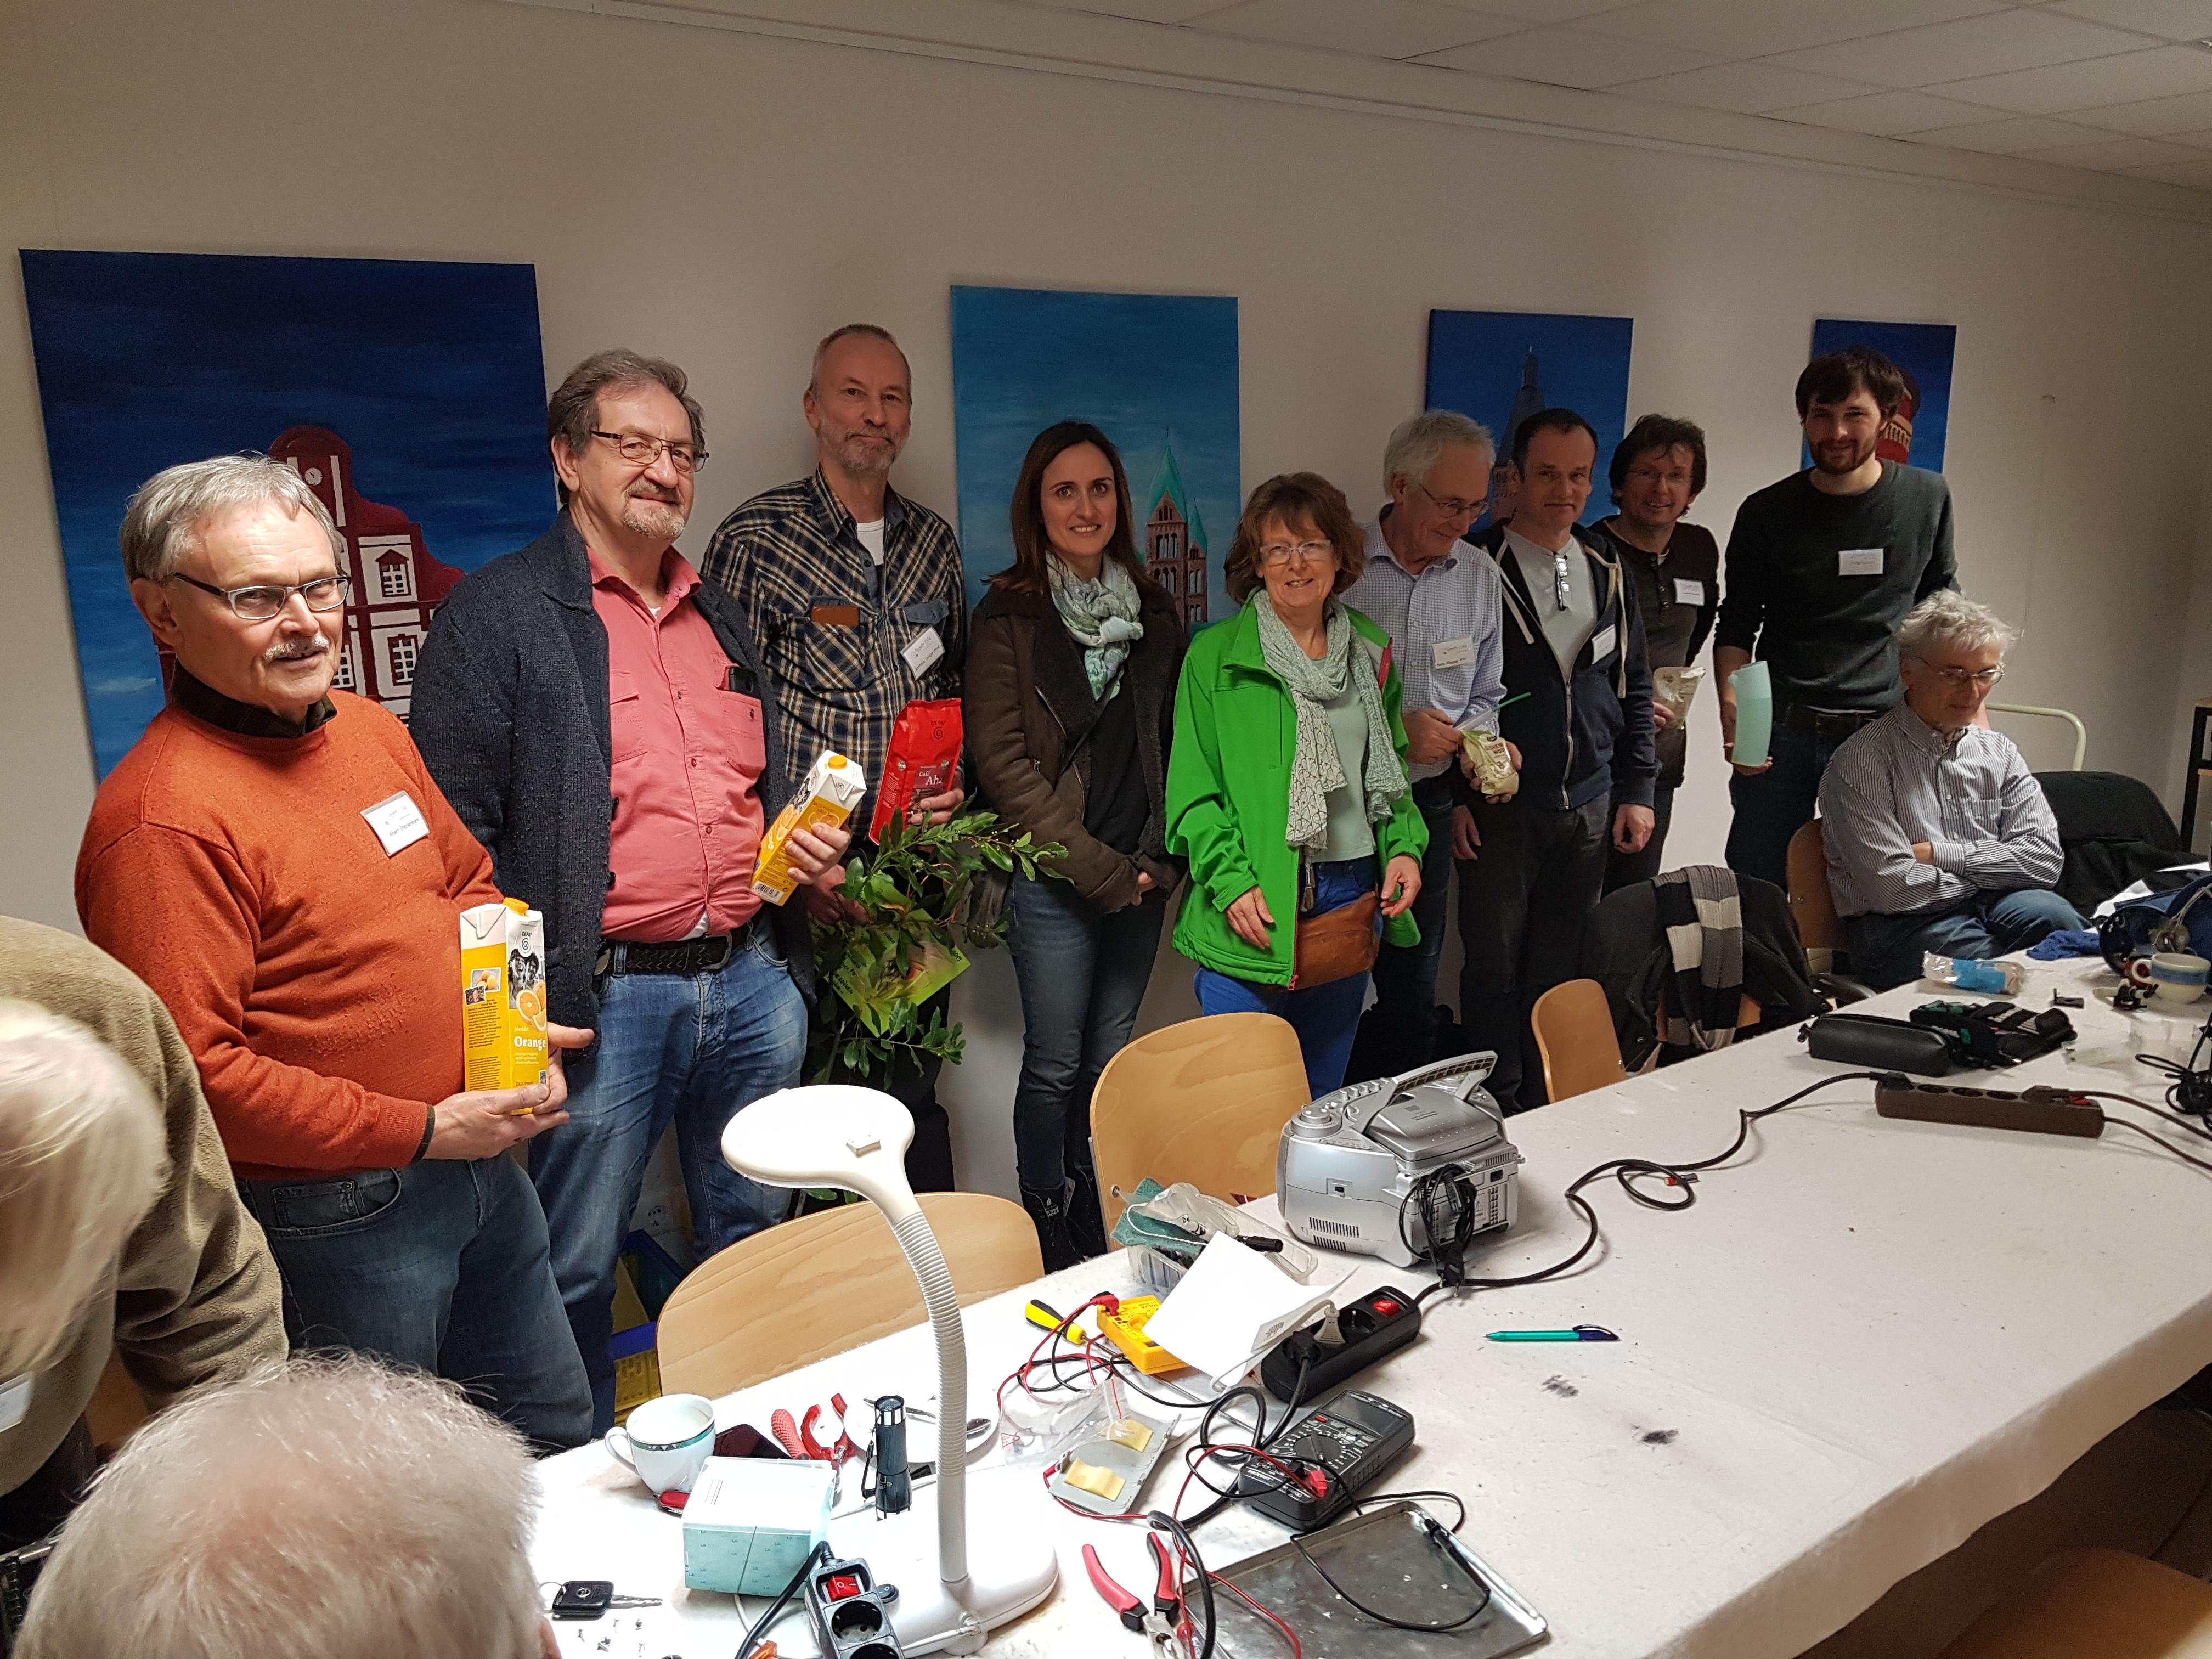 Unseren Glückwunsch an das Repair-Café Speyer zum Umweltpreis